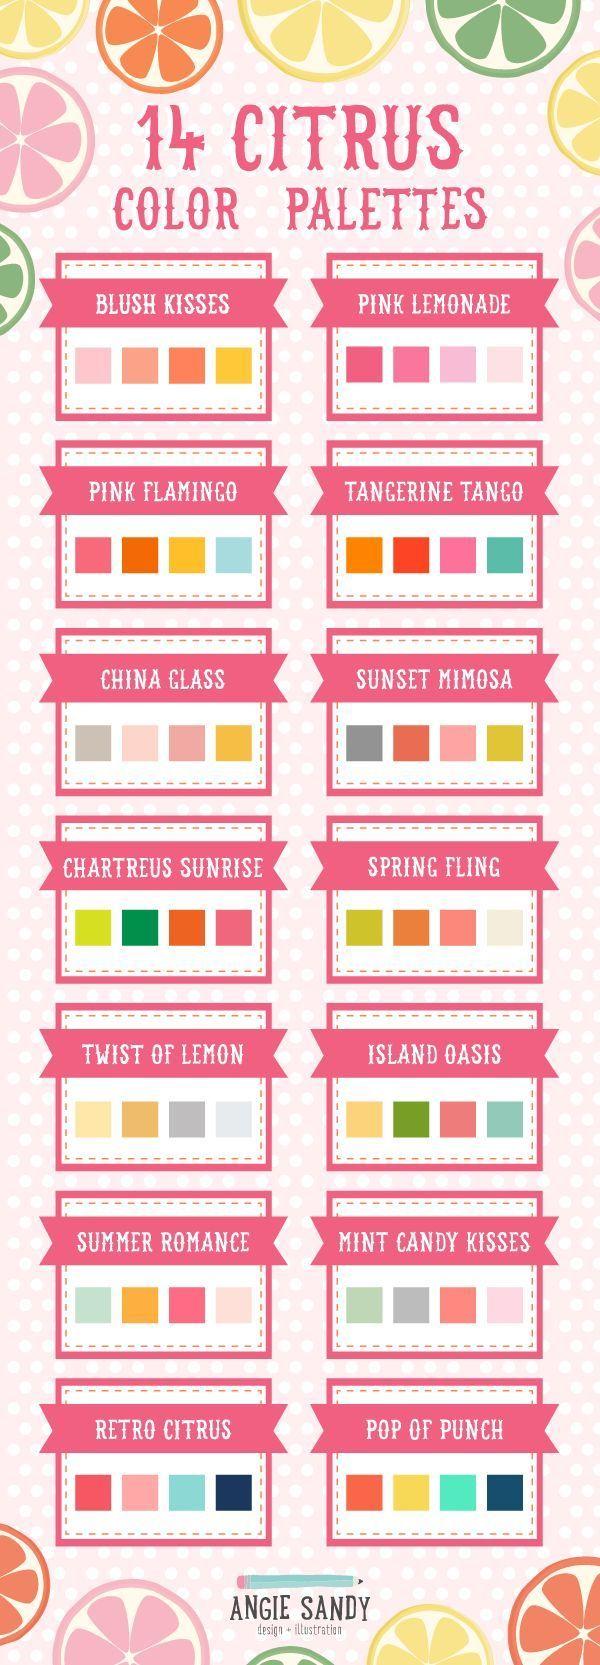 212 best Pleasing Color Palettes images on Pinterest | Color ...